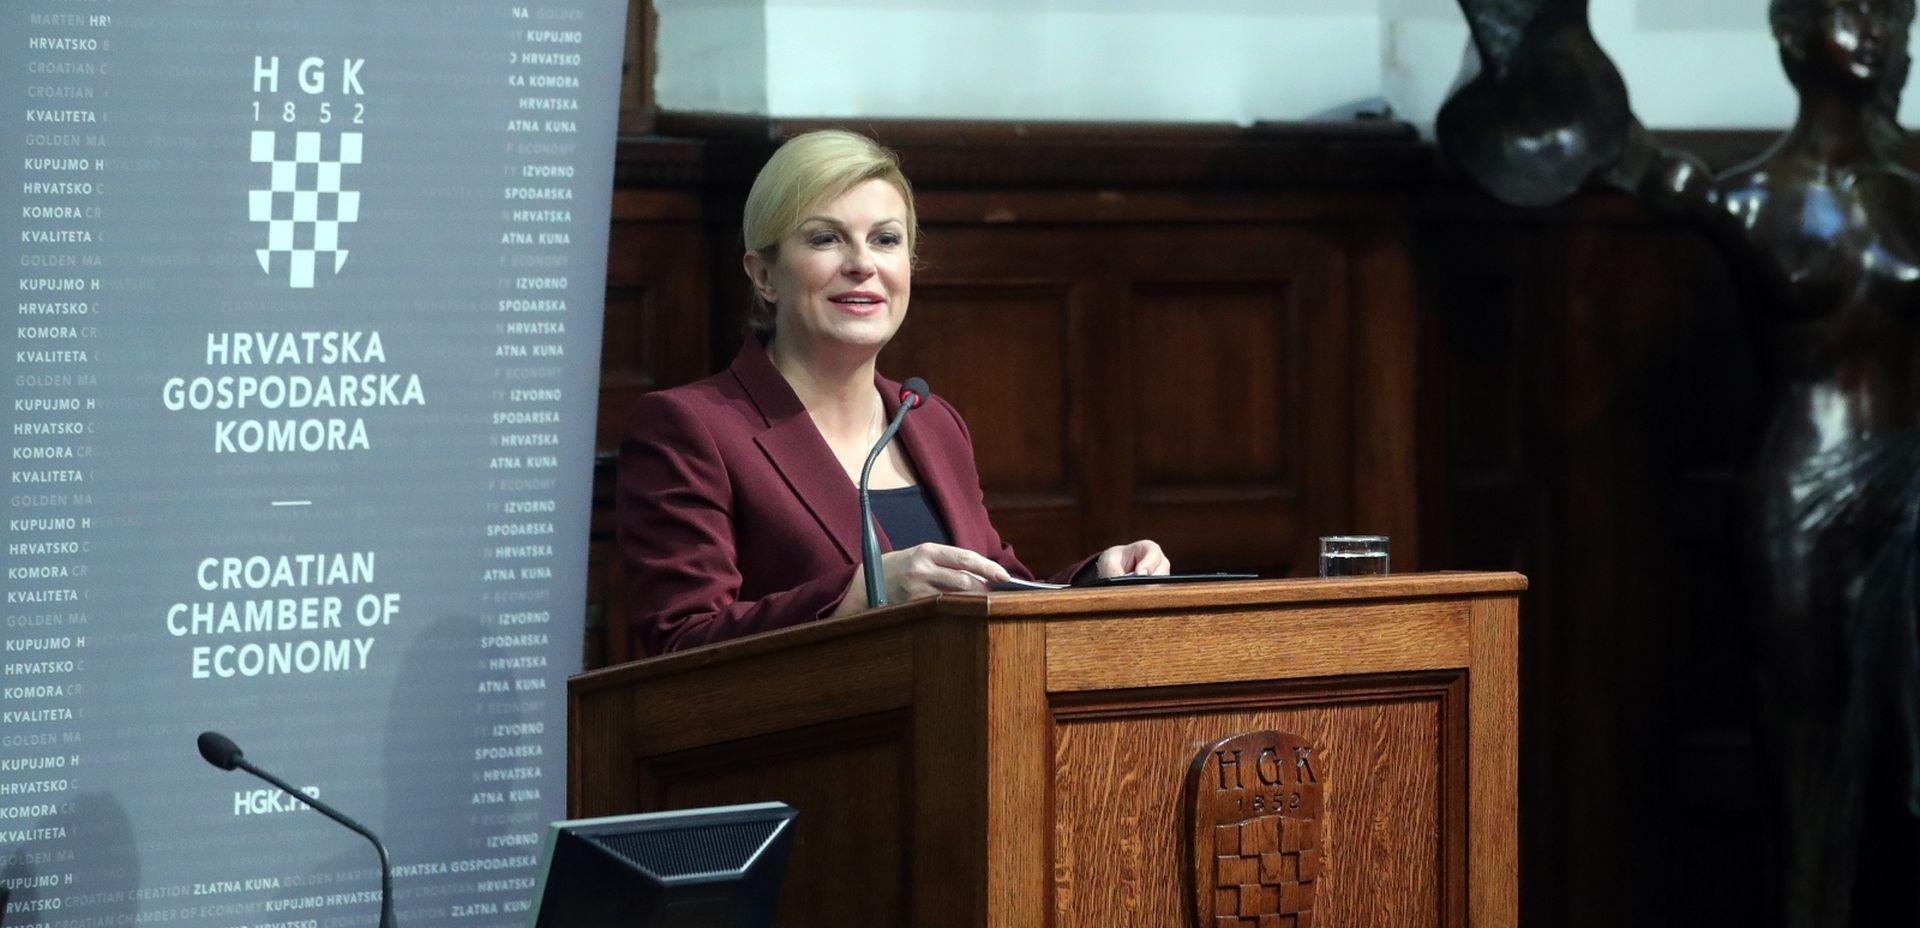 Predsjednica potvrdila da je njen savjetnik bio u kontaktu s Vargom